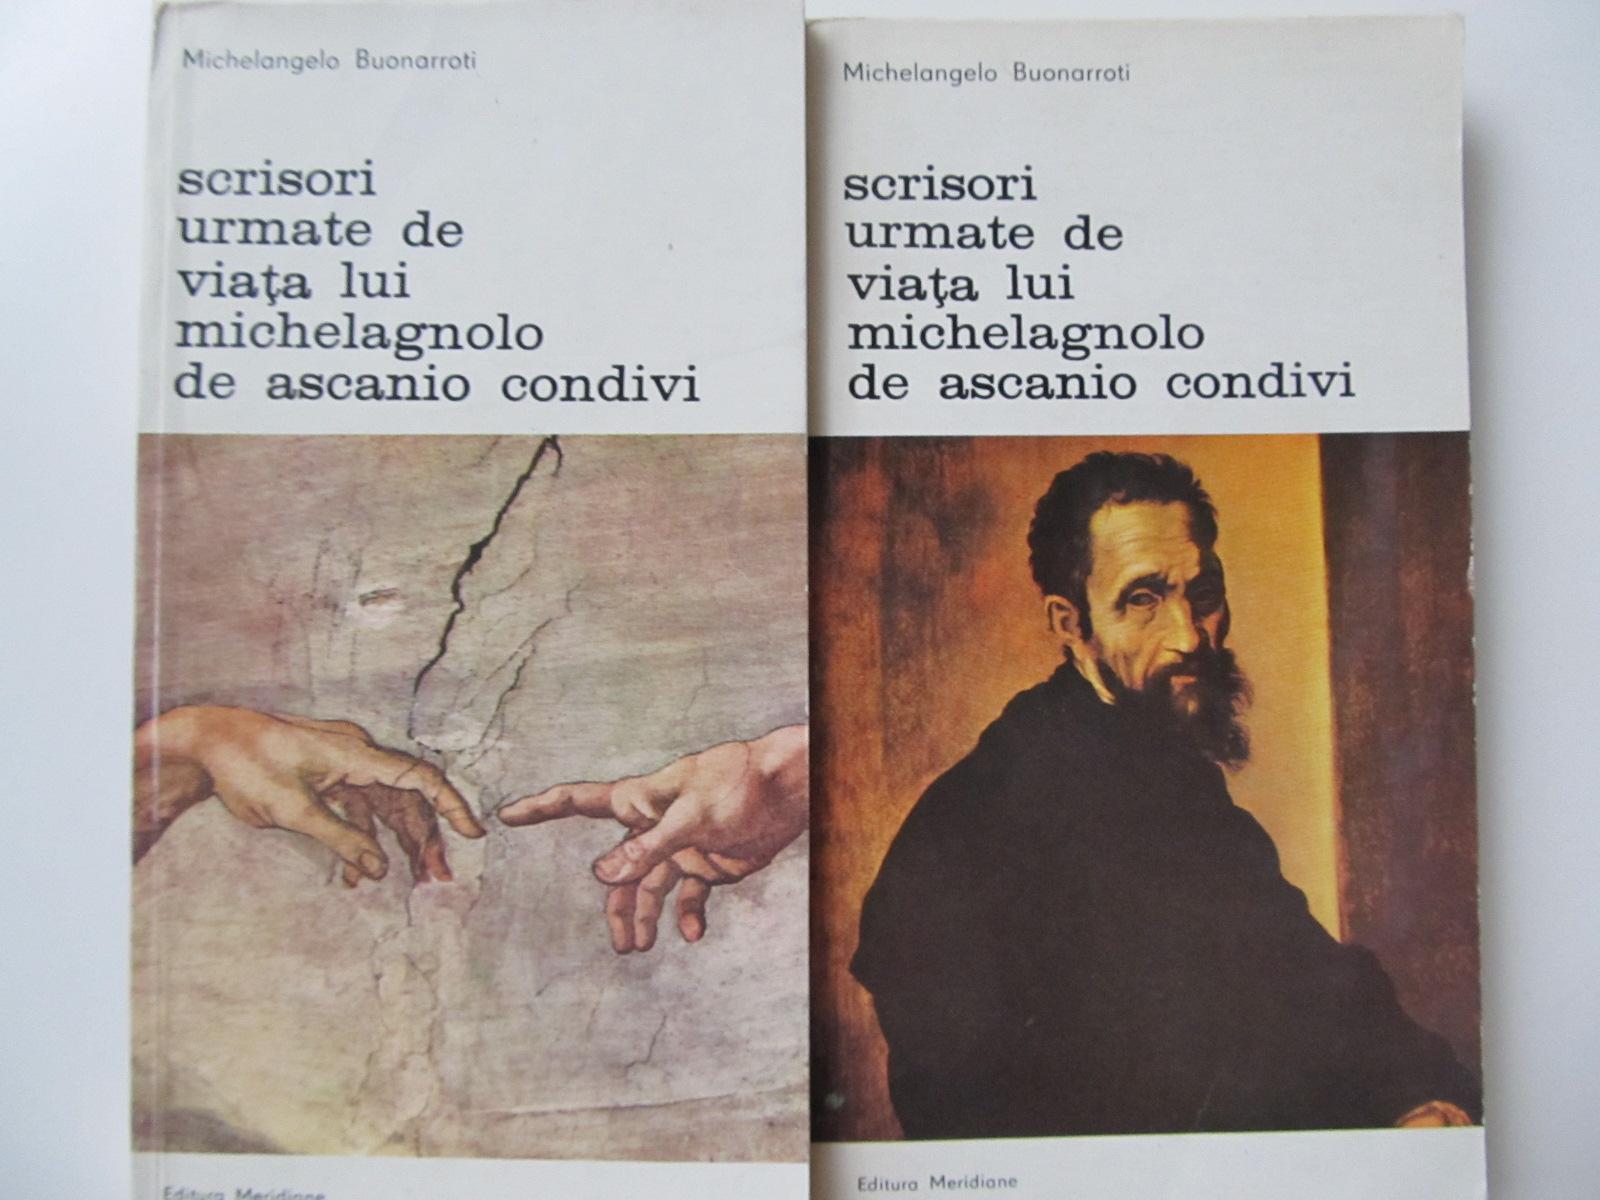 Scrisori urmate de viata lui Michelagnolo de Ascanio Condivi (2 vol.) - Michelangelo Buonarroti | Detalii carte